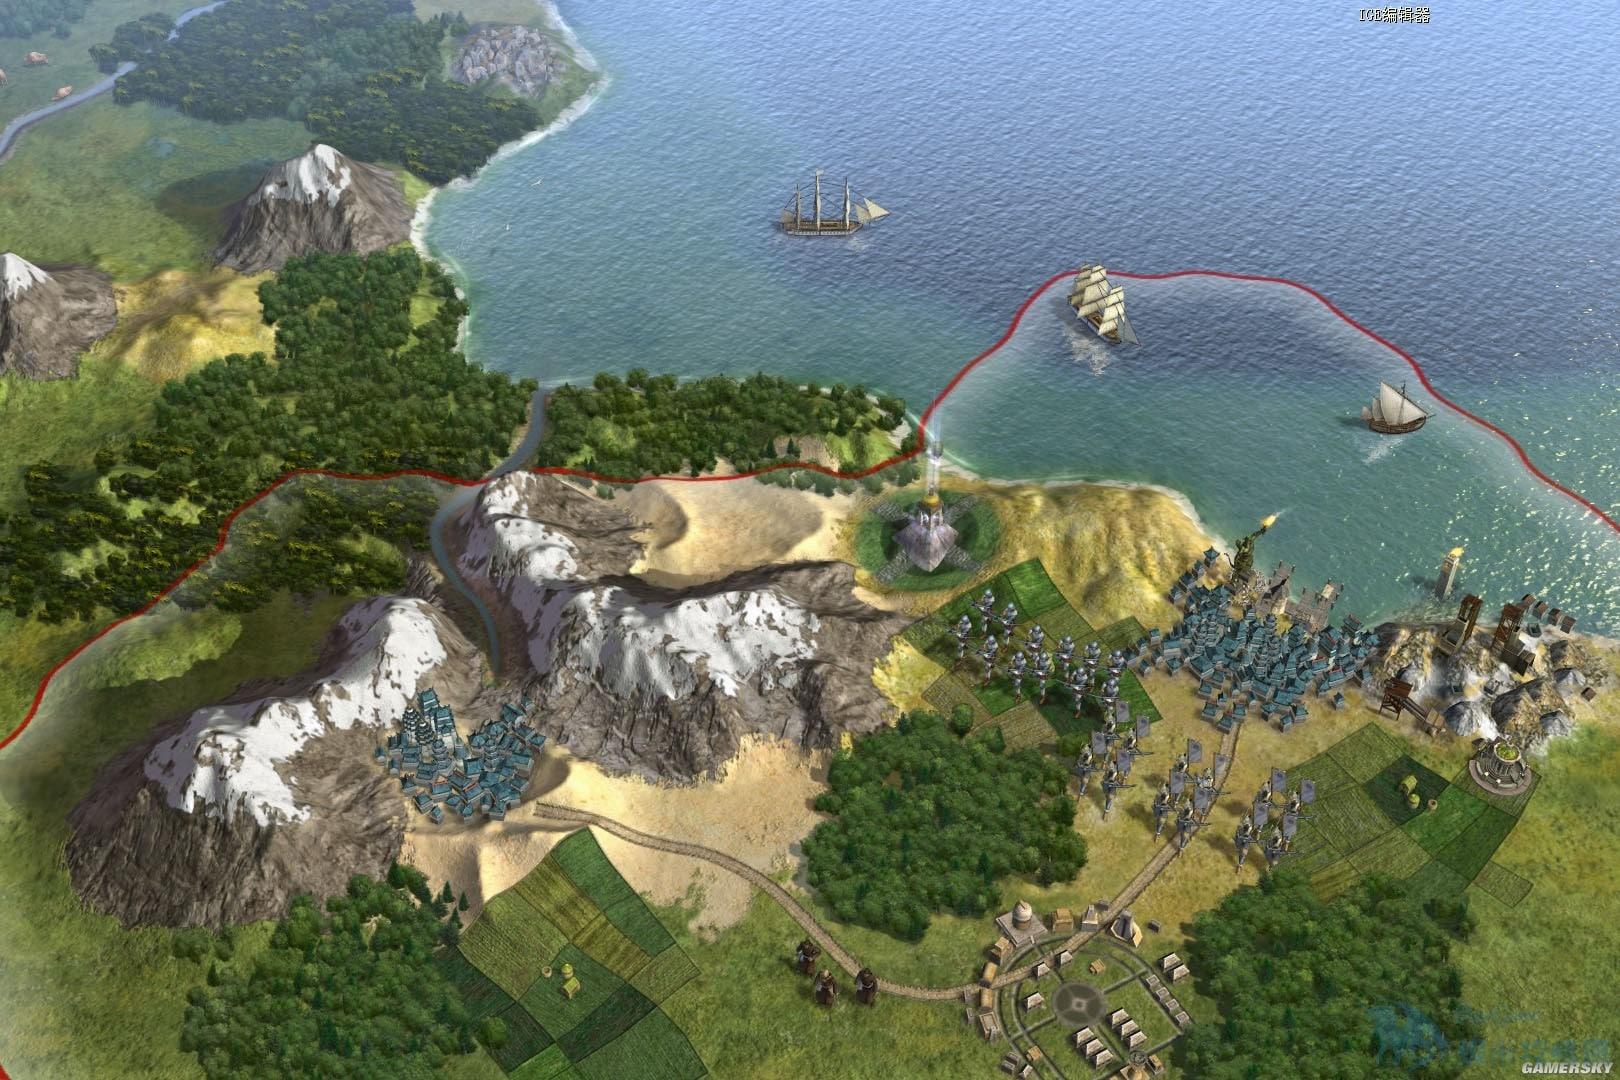 文明帝國 6 與文明5 畫面場景對比圖解 文明帝國 6畫面怎麼樣